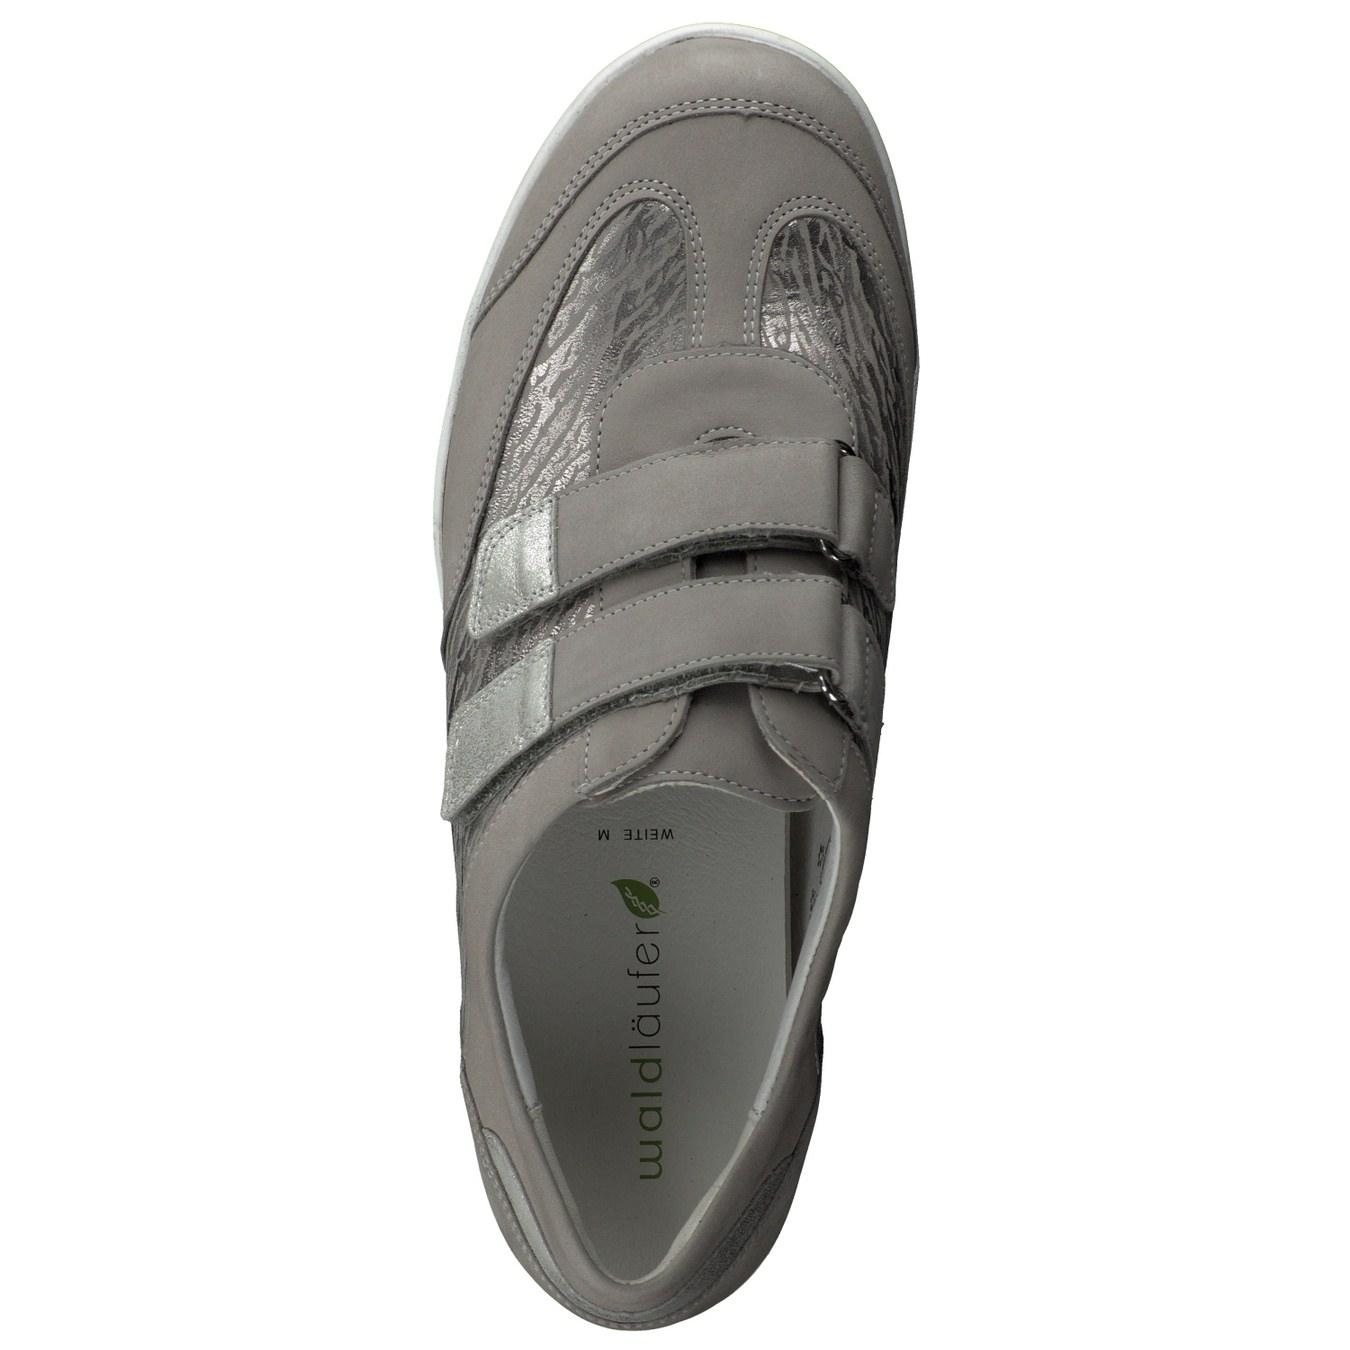 size 40 aad1e 9aeda Waldläufer Damen Sneaker in silber kaufen | Zumnorde Online-Shop